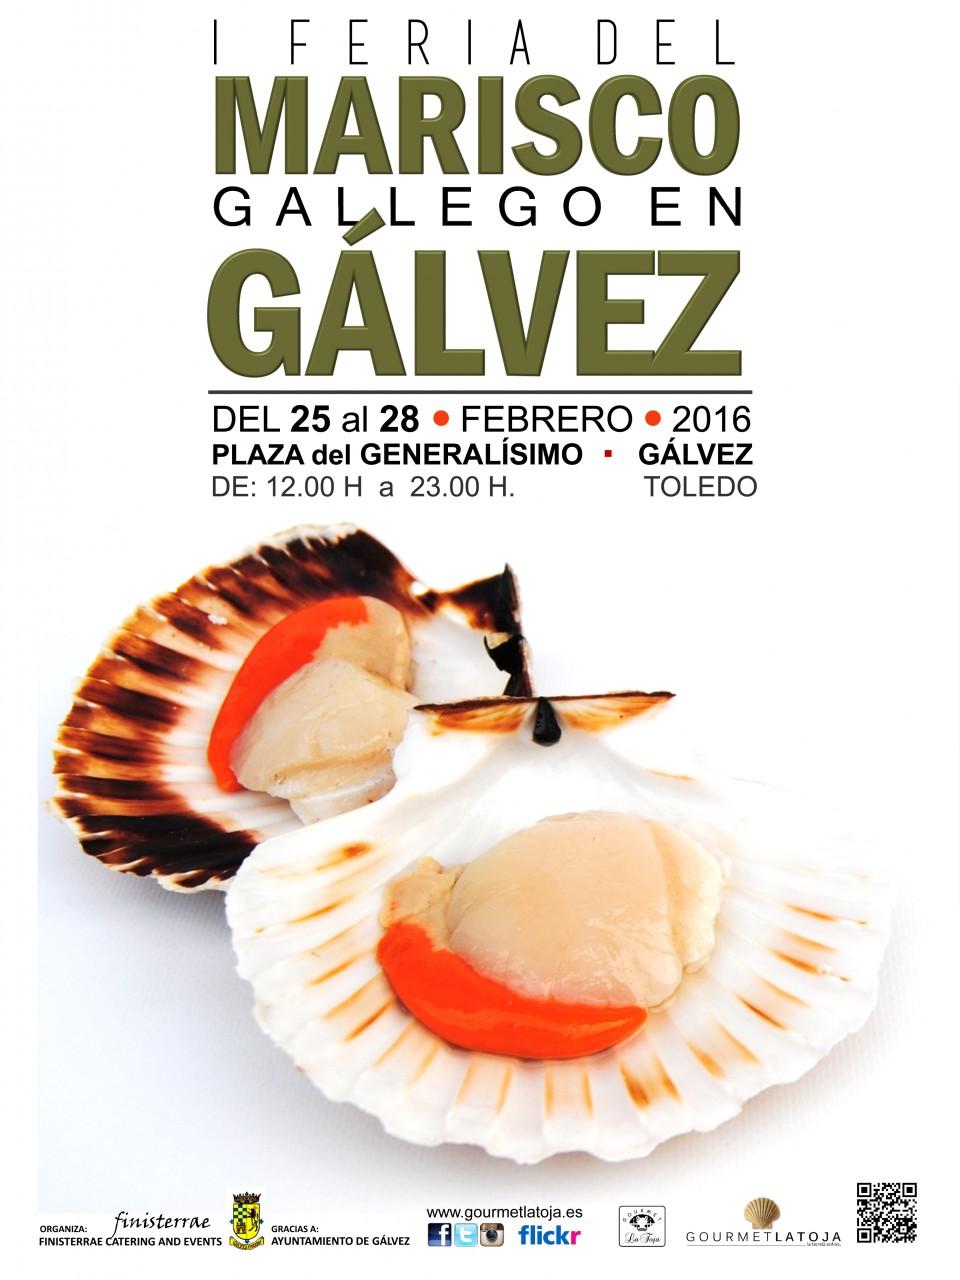 I Feria marisco gallego